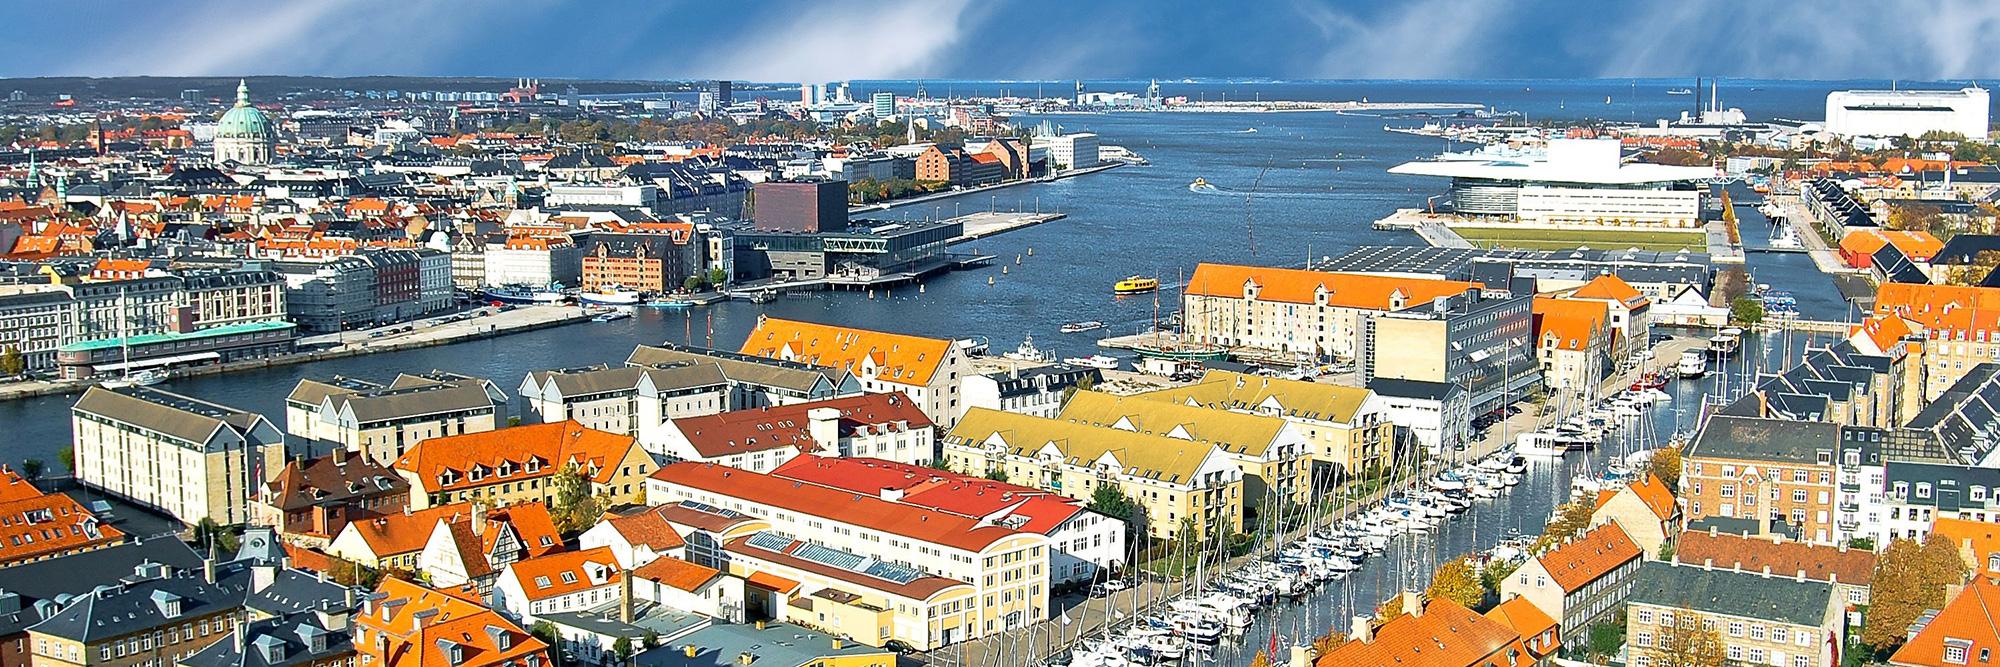 Croisière sur les canaux de Copenhague